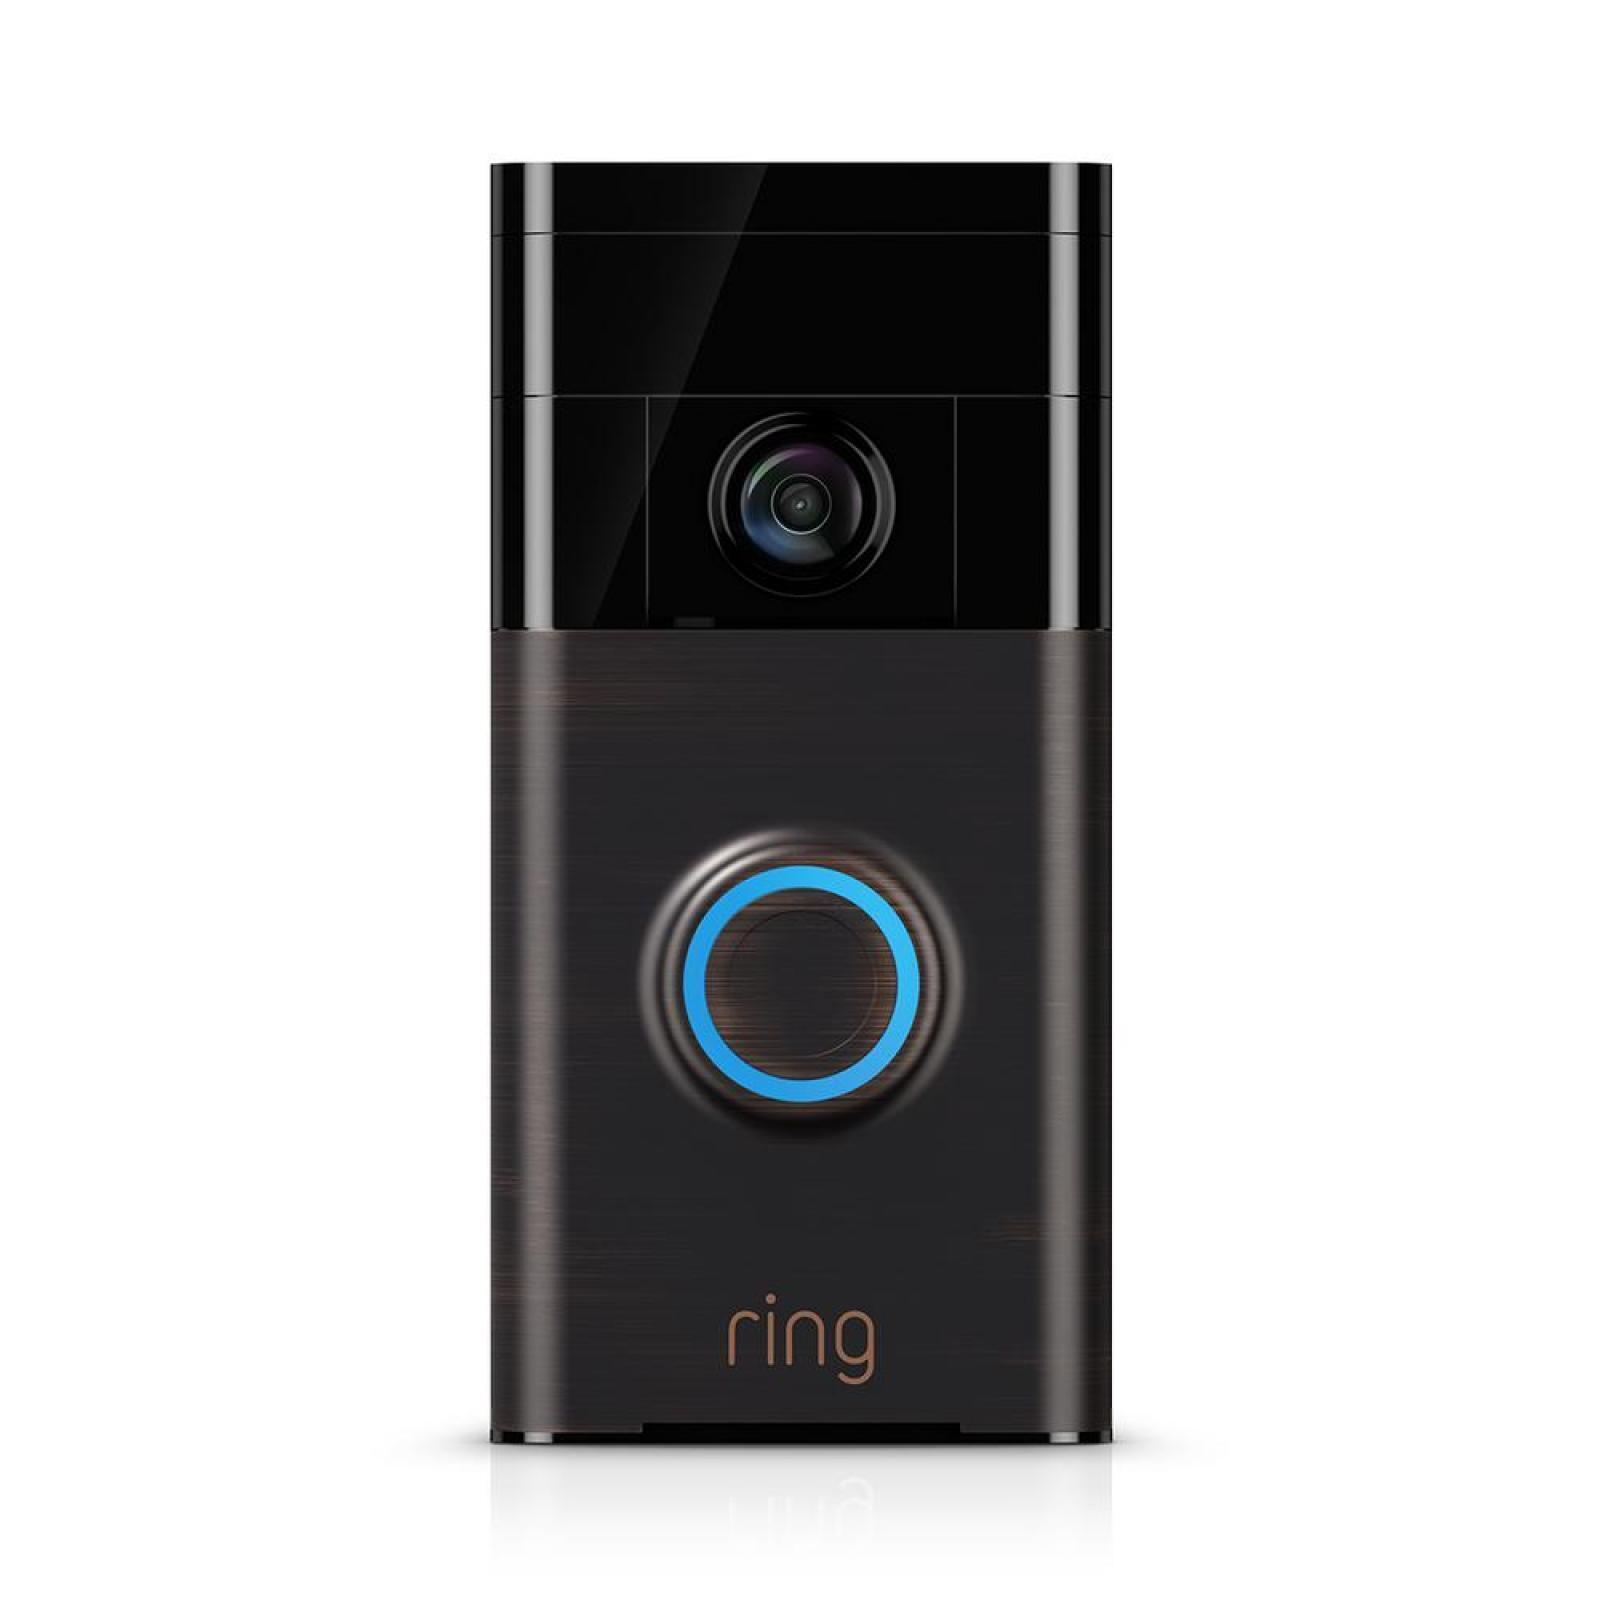 Doorbell Wiring Diagram On Mount A Wireless Video Doorbell Get Free